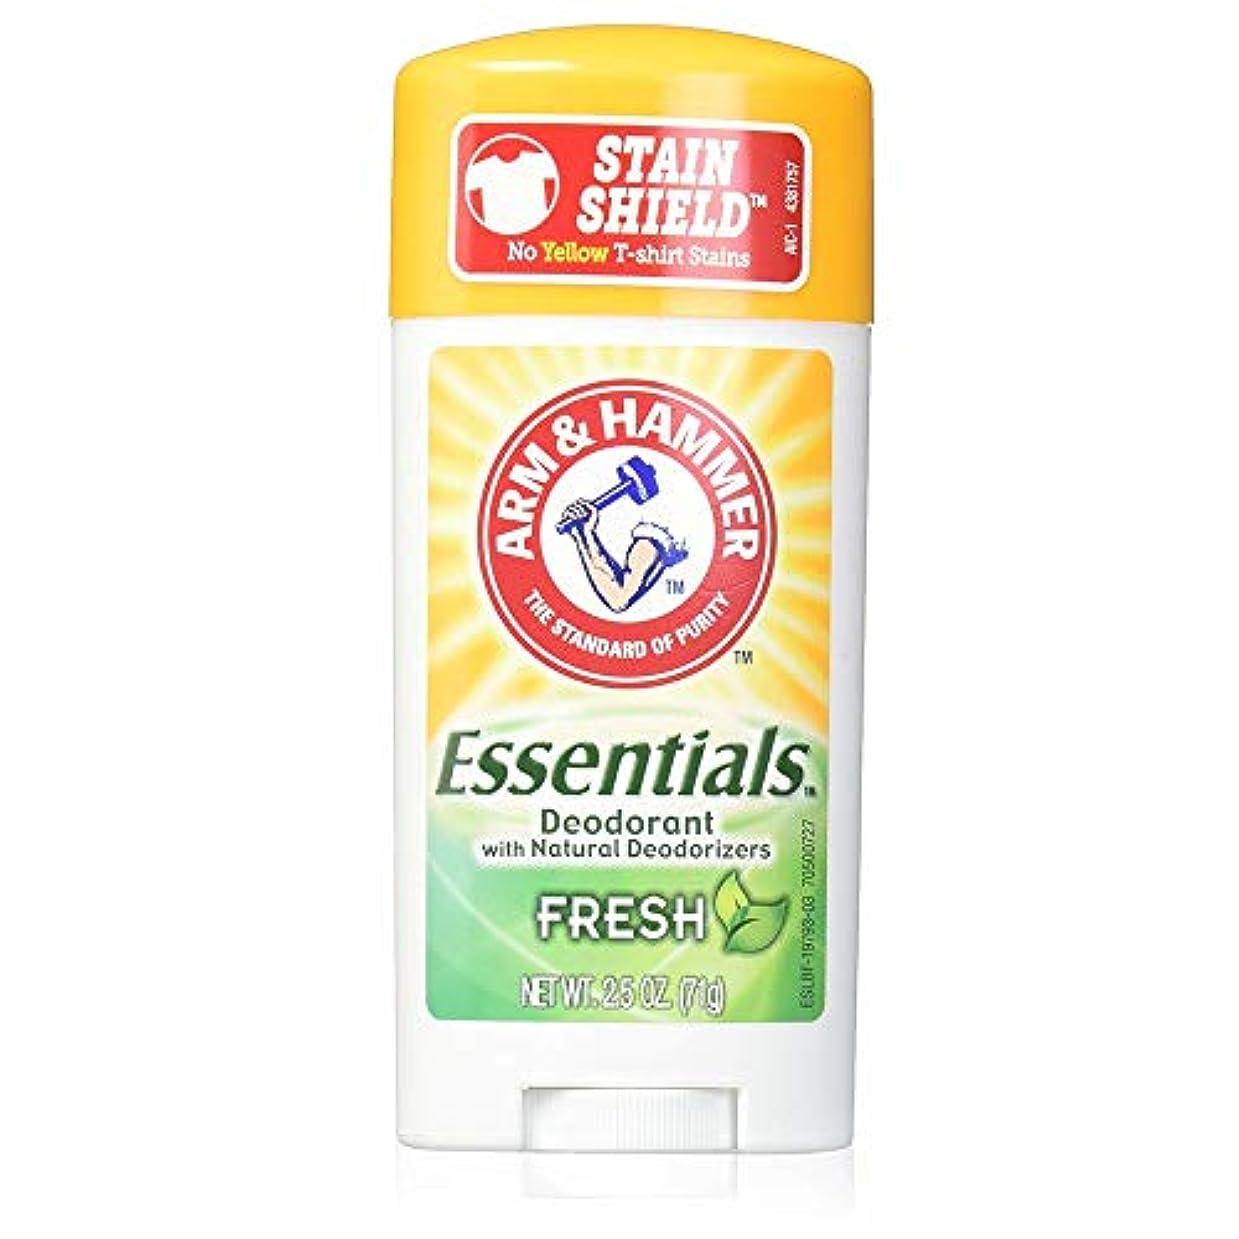 ソフトウェア一流グレートオークアーム&ハマー デオドラント【フレッシュ】制汗剤【お風呂上がりの香り】Arm & Hammer Essentials Natural Deodorant Fresh 71?[並行輸入品]